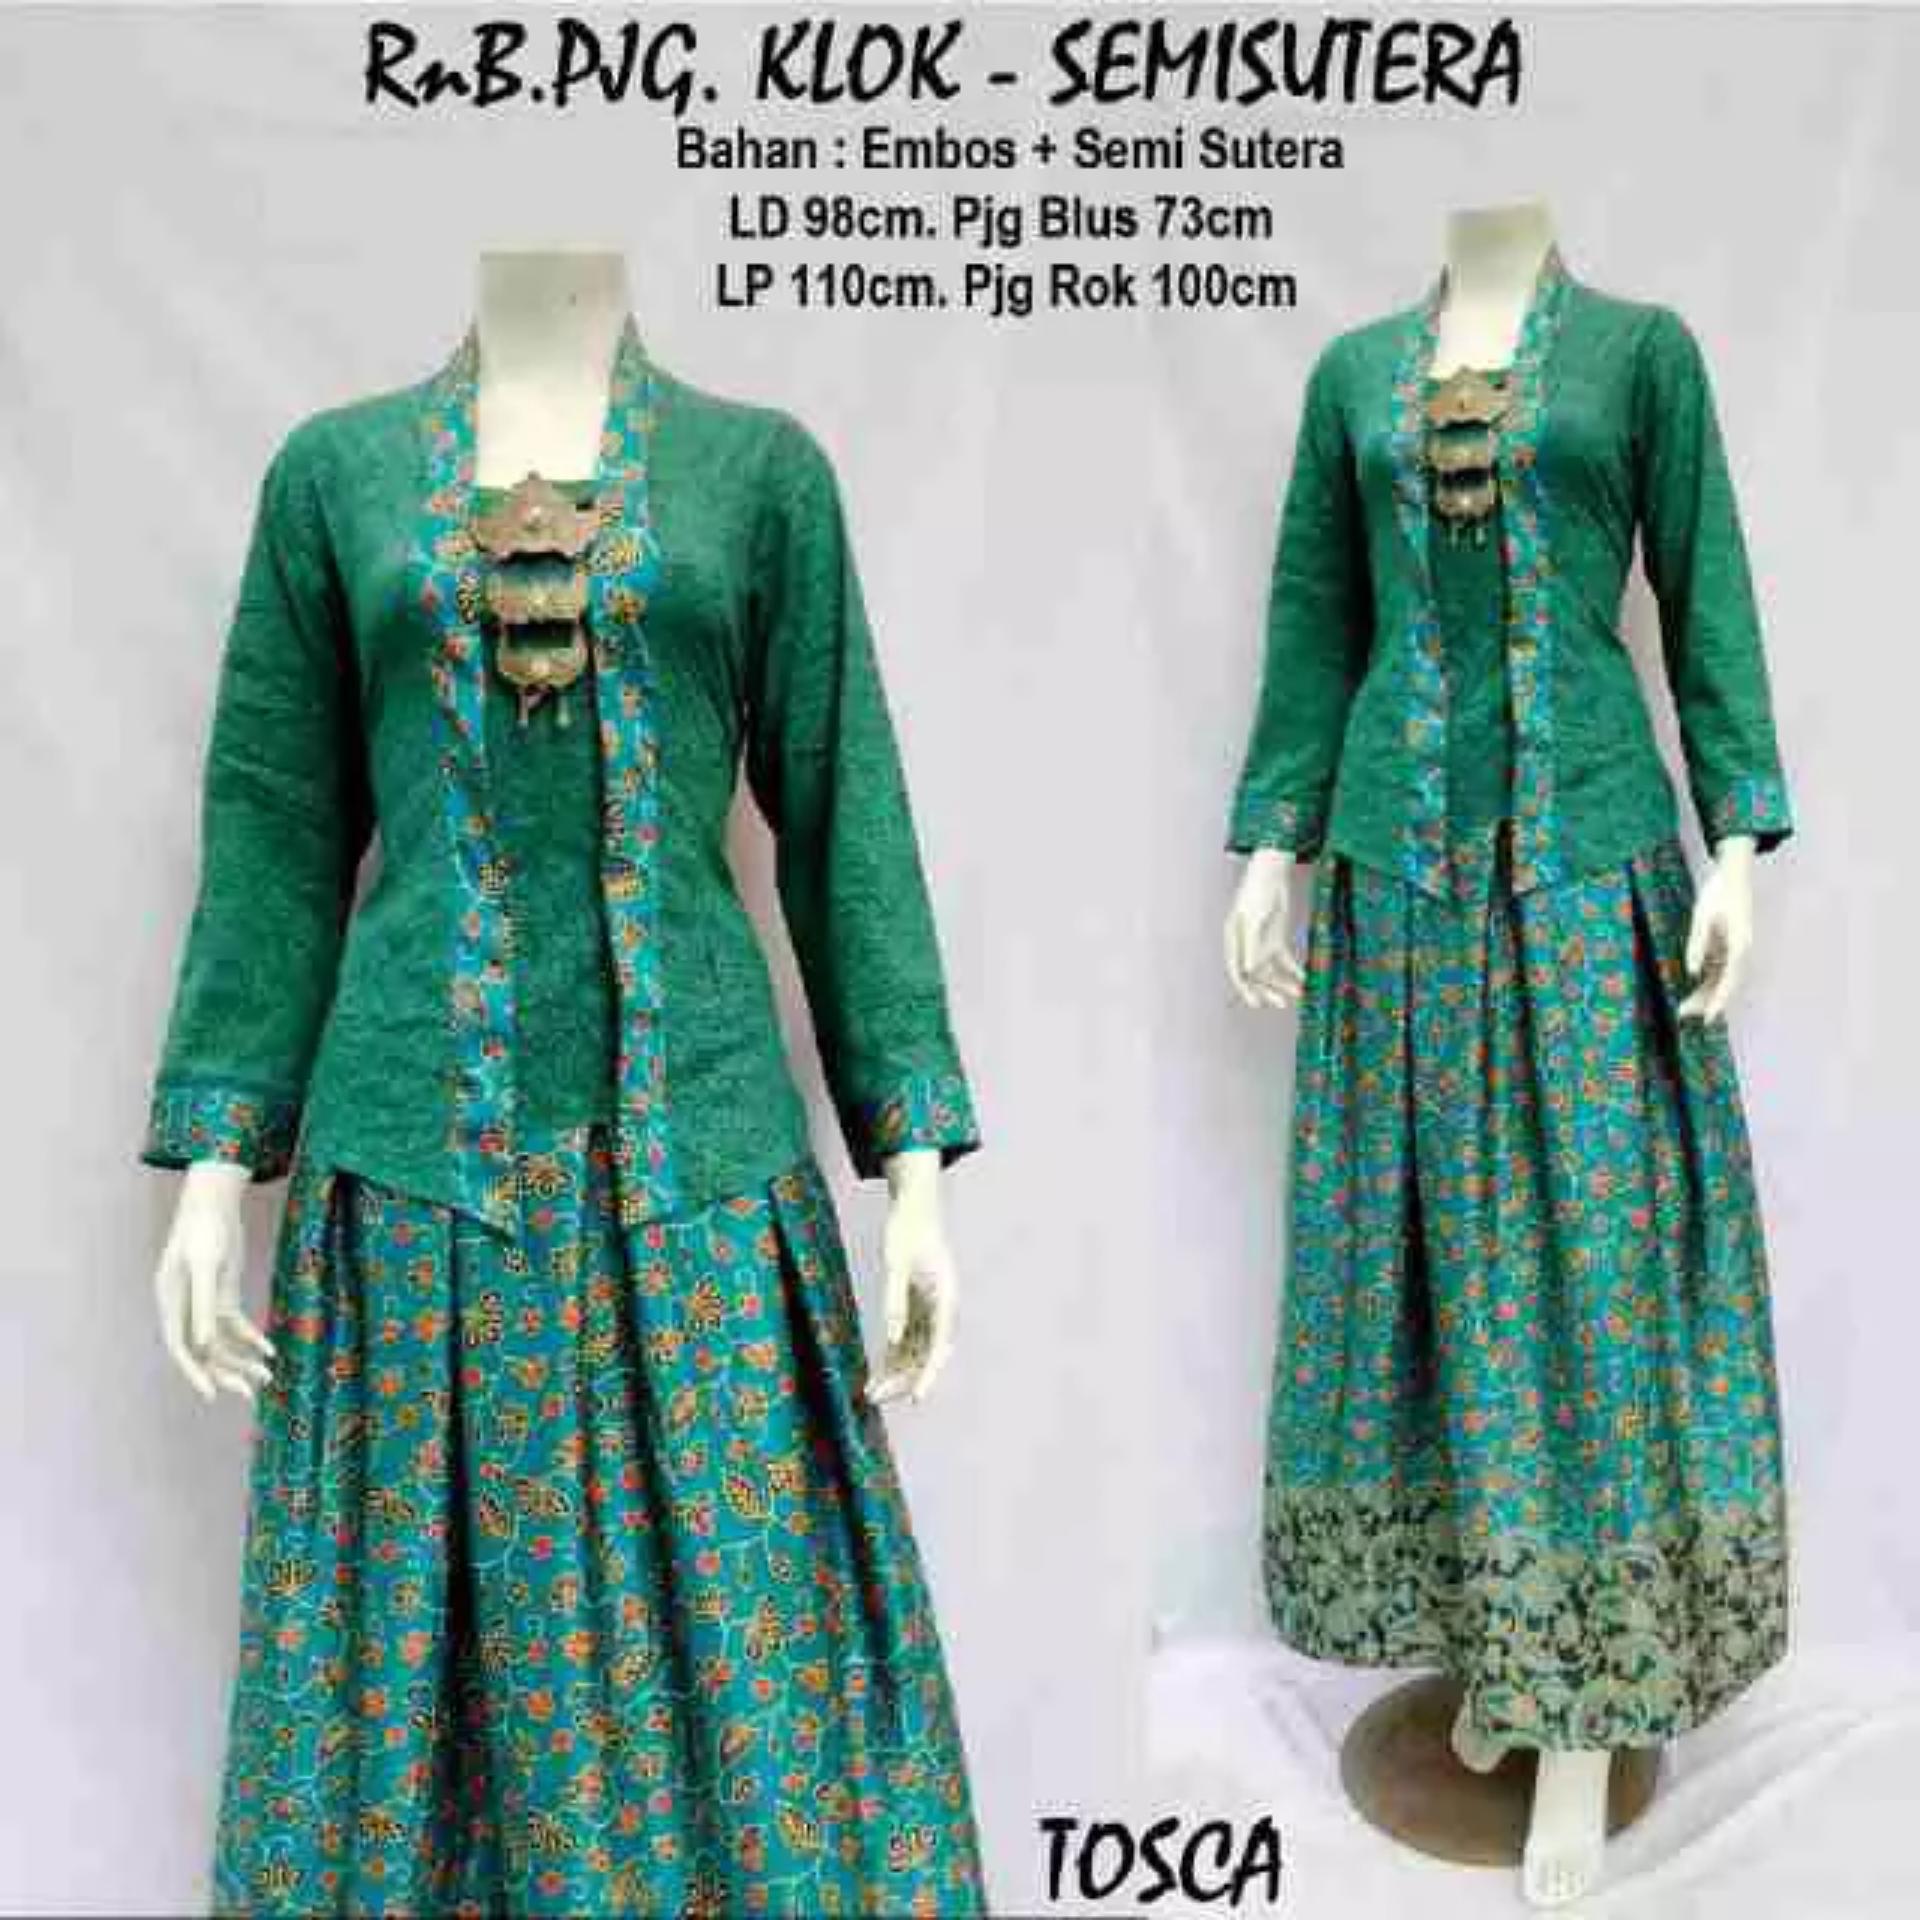 Perbandingan Harga Baju Batik Stelan Rok Dan Blus Embos Semsut Dress Setelan Avina Mocca